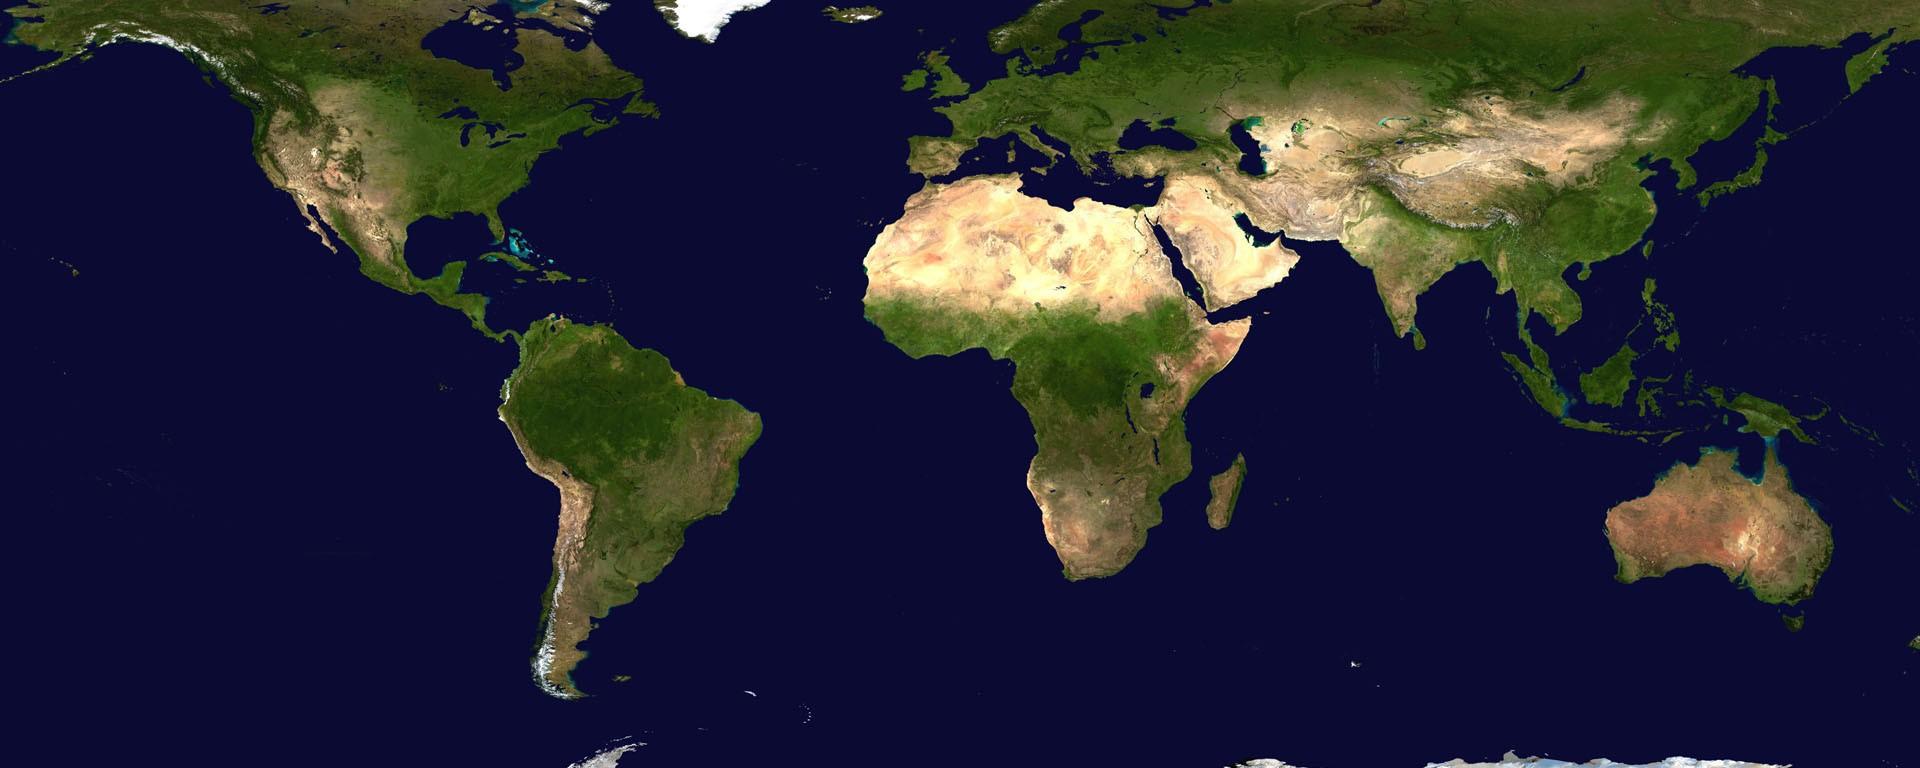 conoscere il mondo in viaggio